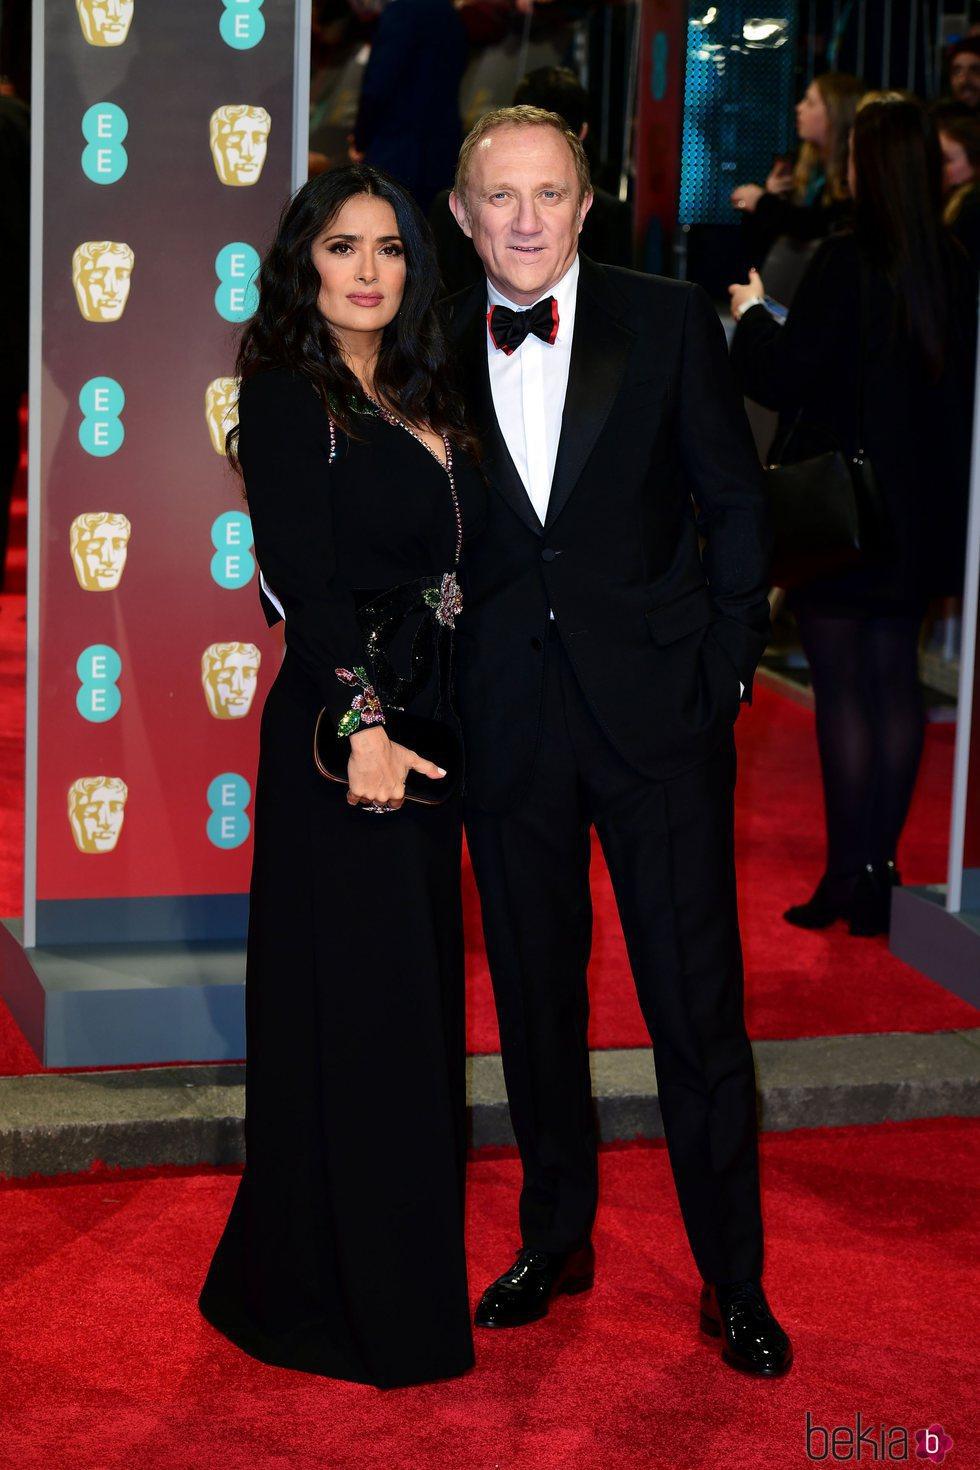 Salma Hayek y Francois-Henri Pinault en la alfombra roja de los Premios BAFTA 2018